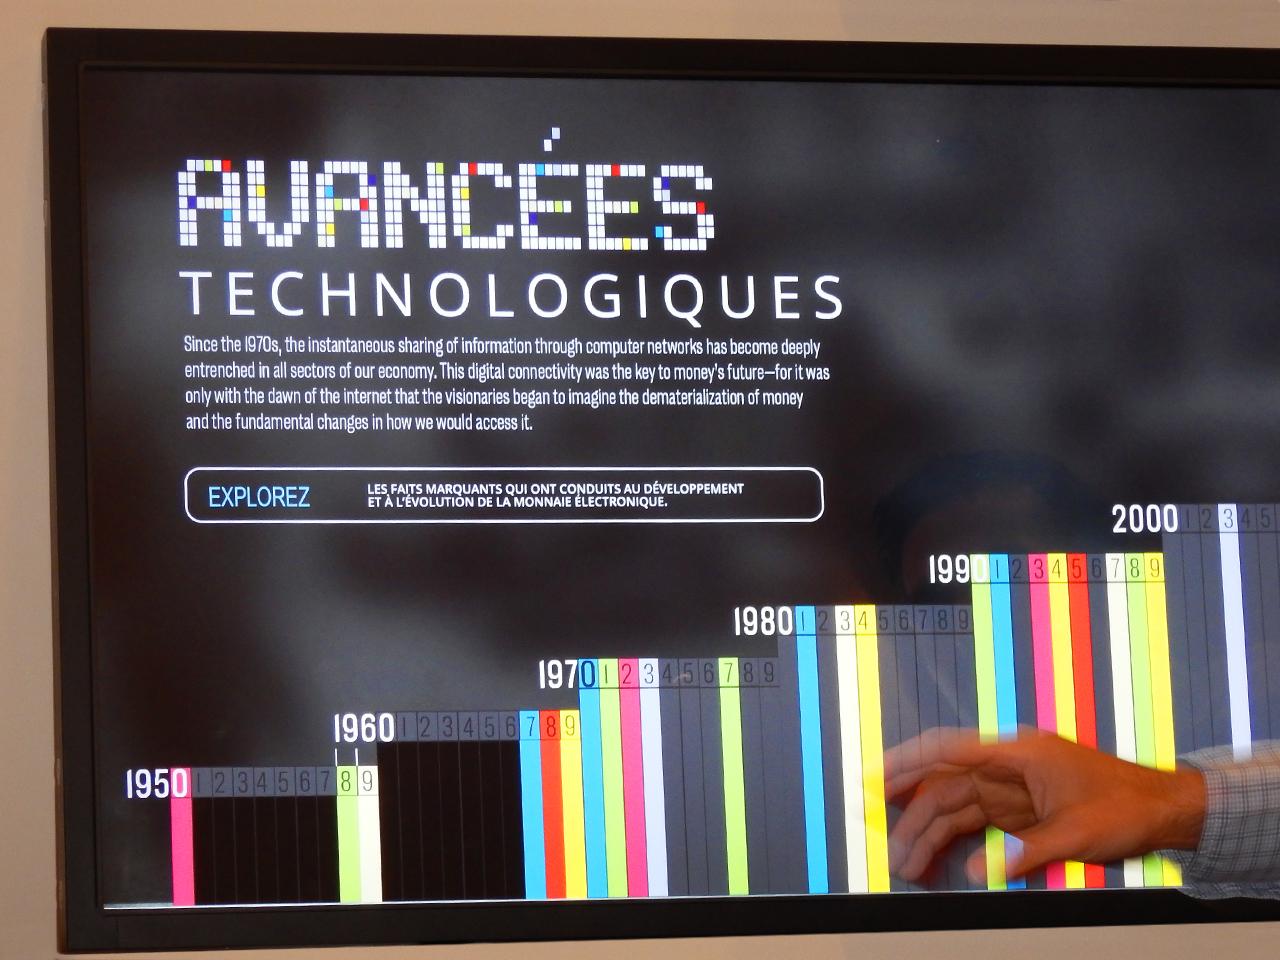 écran avec dates et colonnes en couleurs